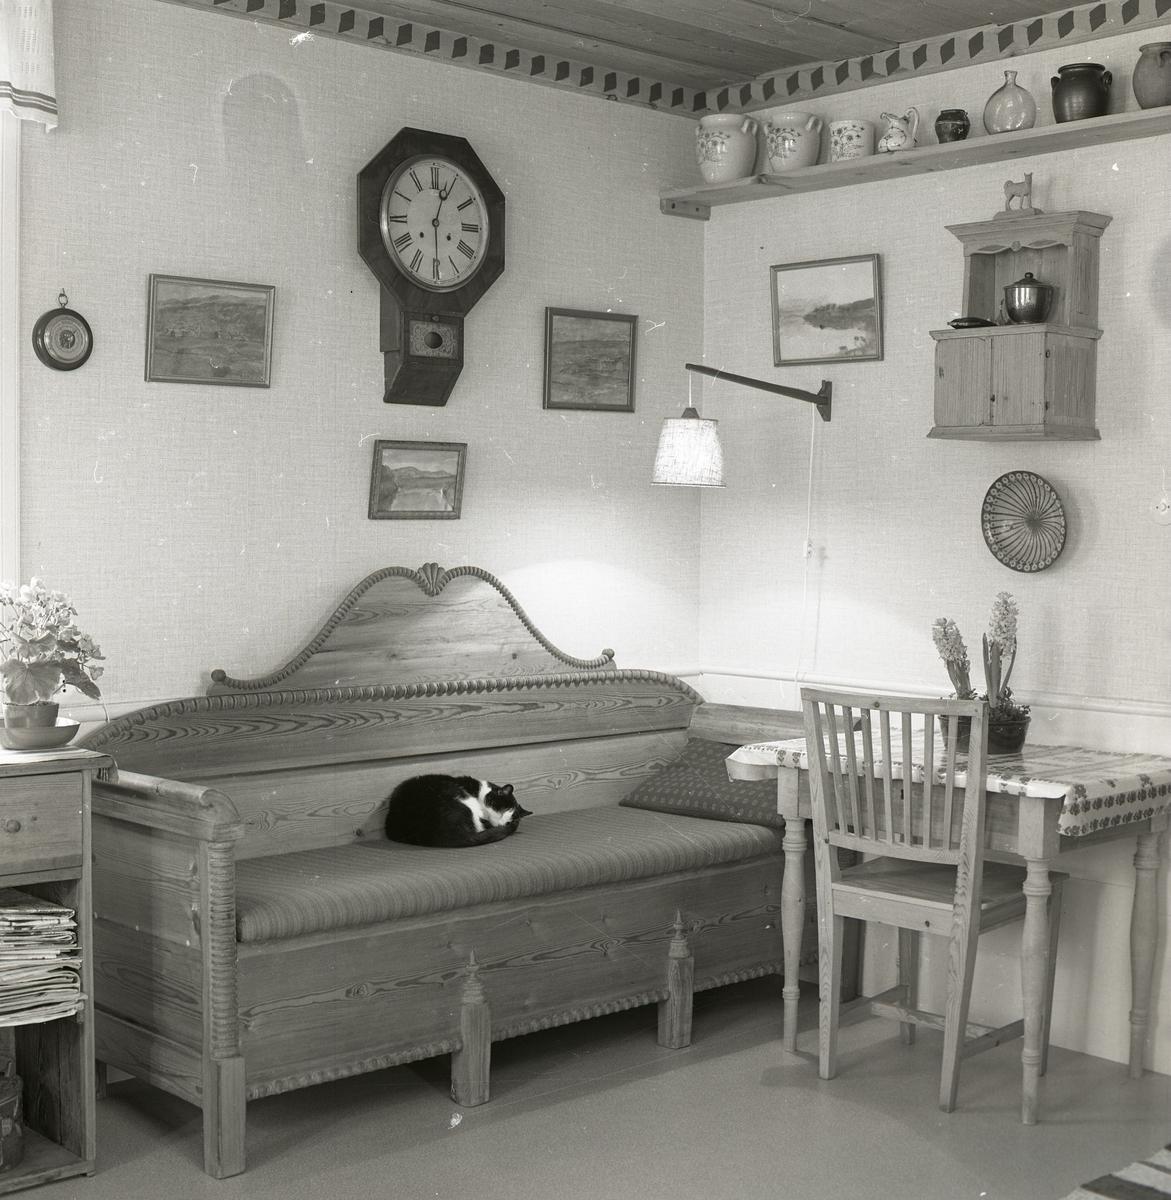 Ett av rummen på gården Sunnanåker, 1970. I rummet finns bland annat en soffa där en katt sover.